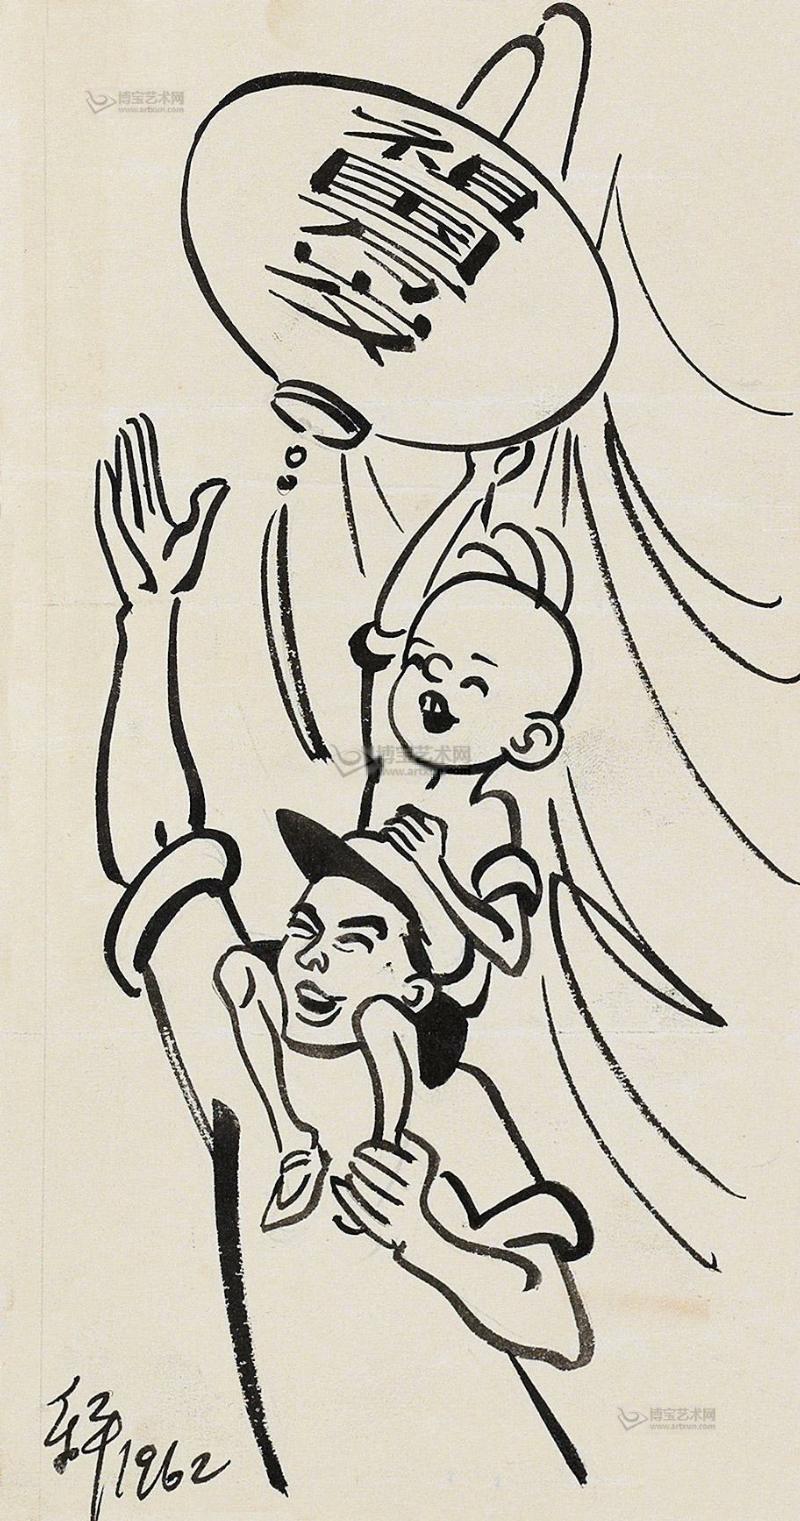 祖国图片手绘素描